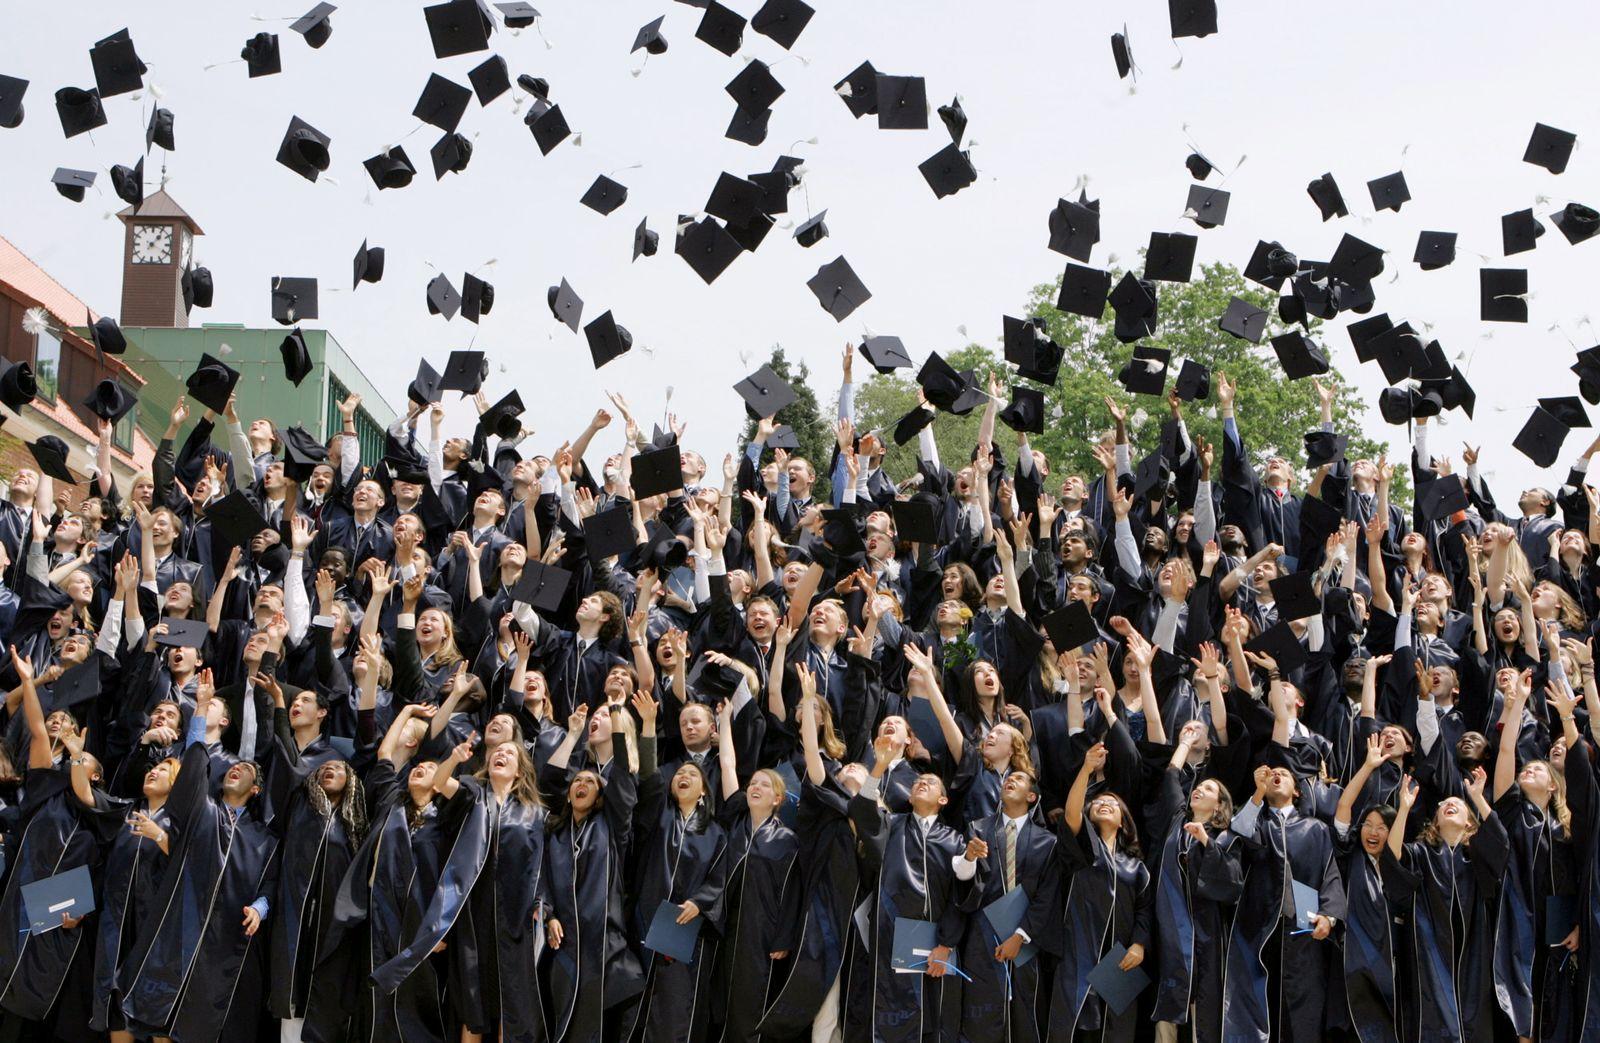 Hüte werfen Universität